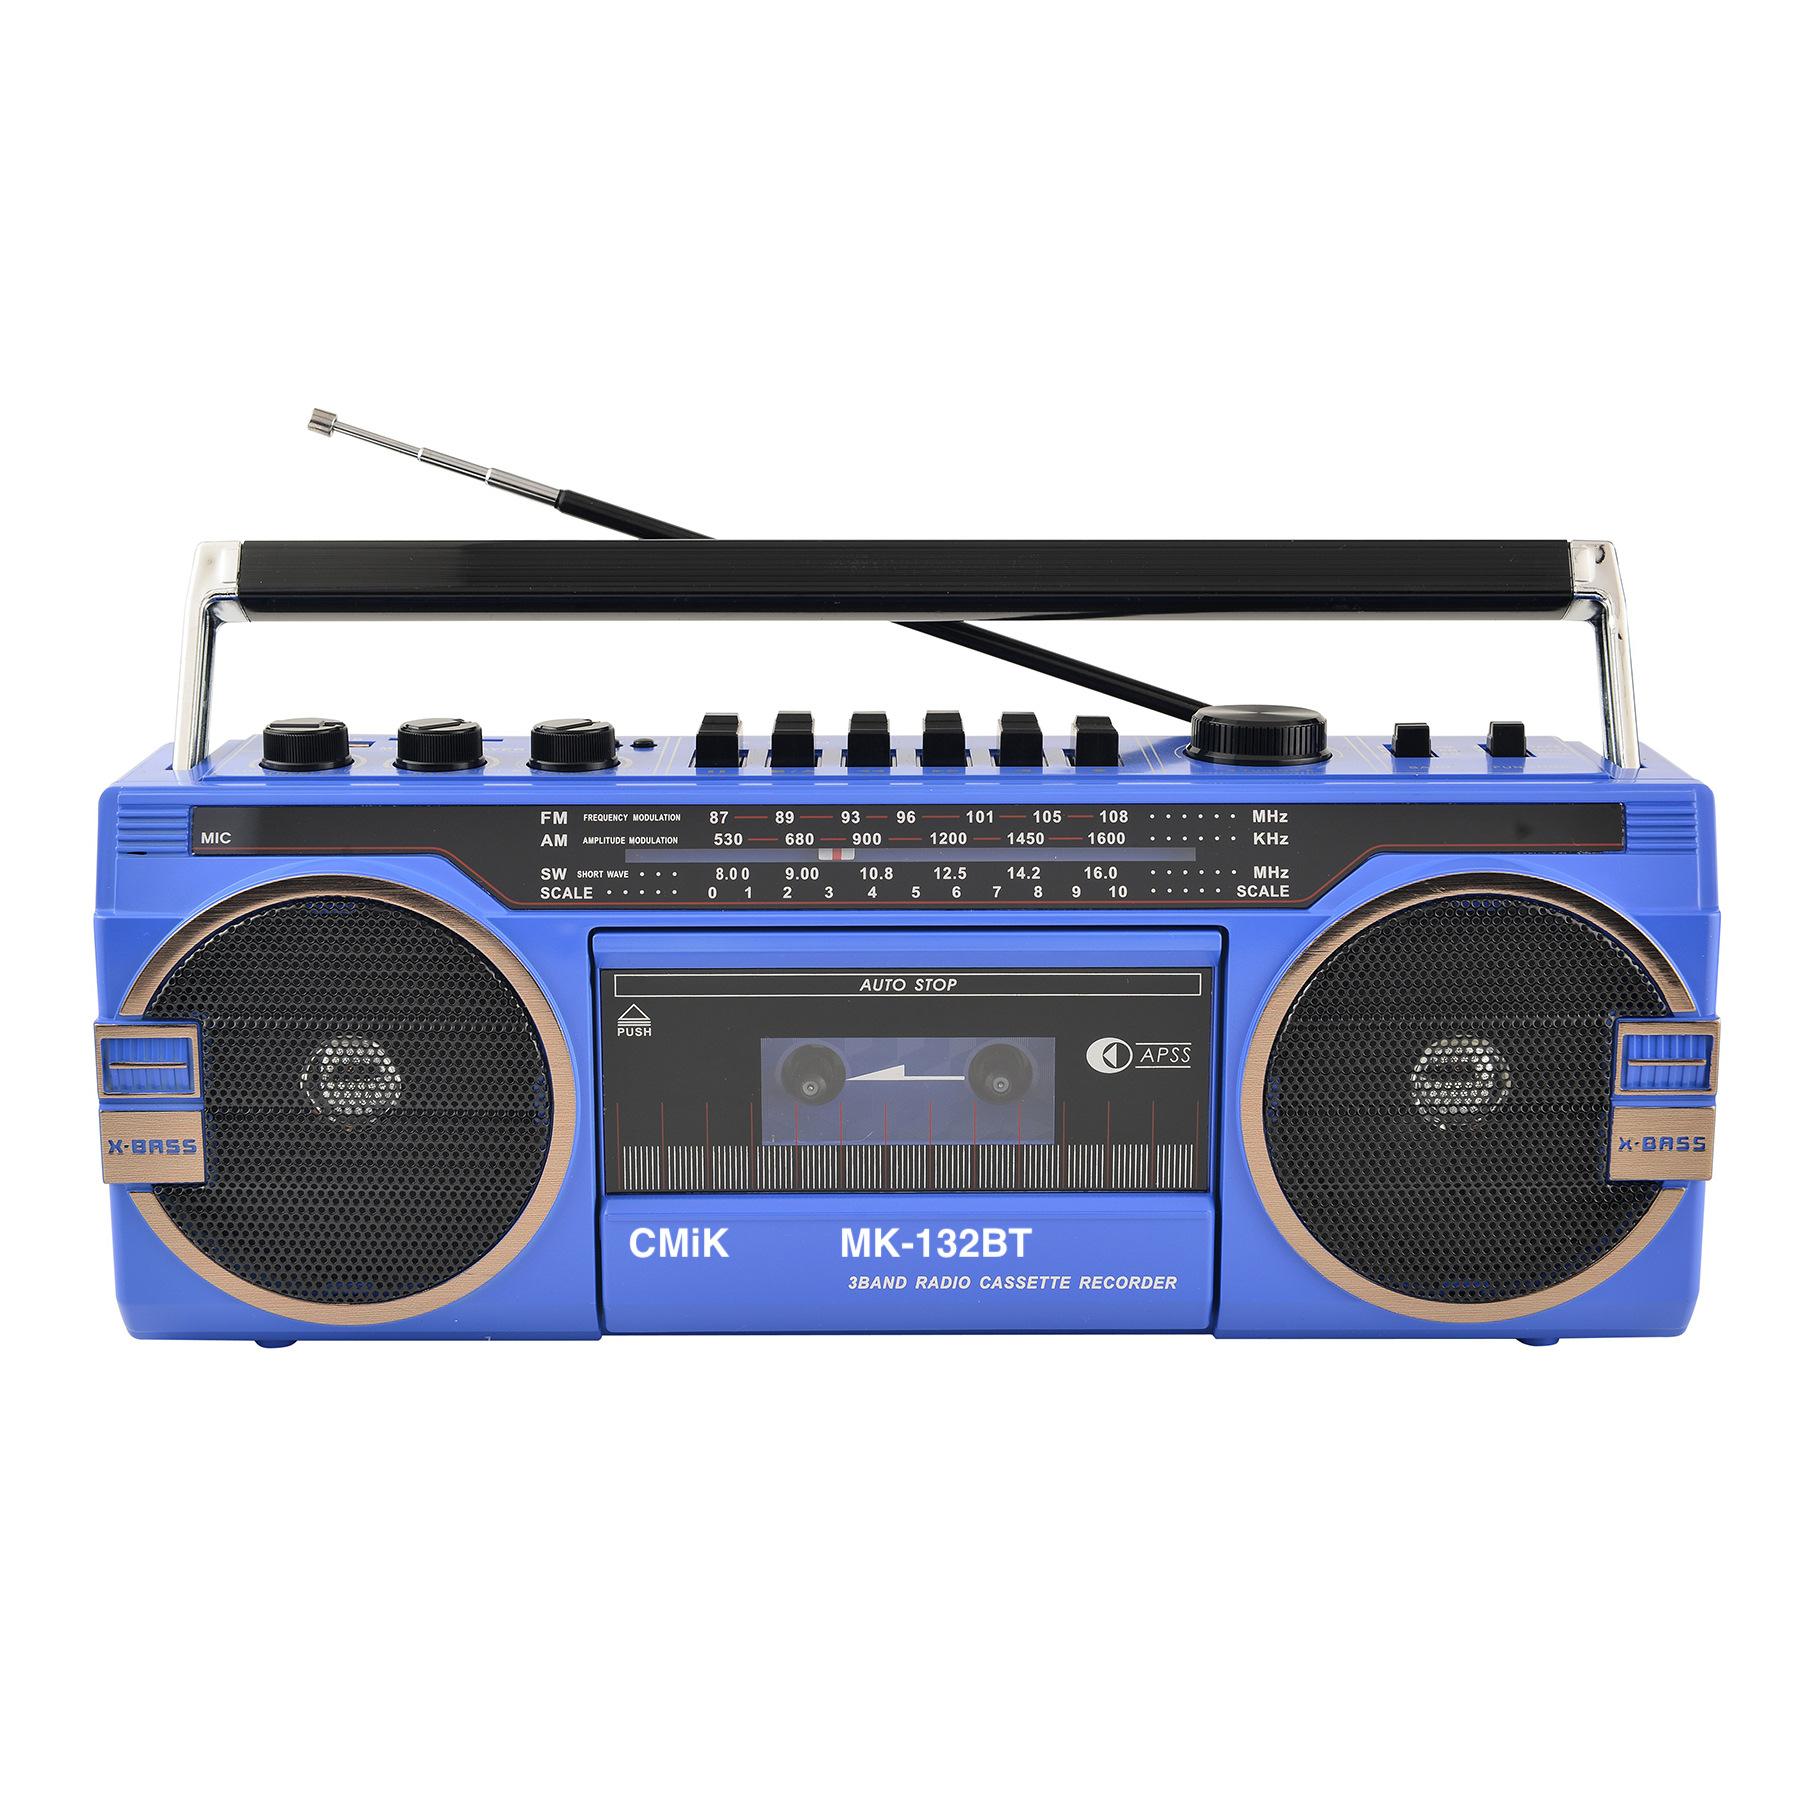 磁带机复古磁带收音机80年代便携式收音机卡带机录音机 132bt